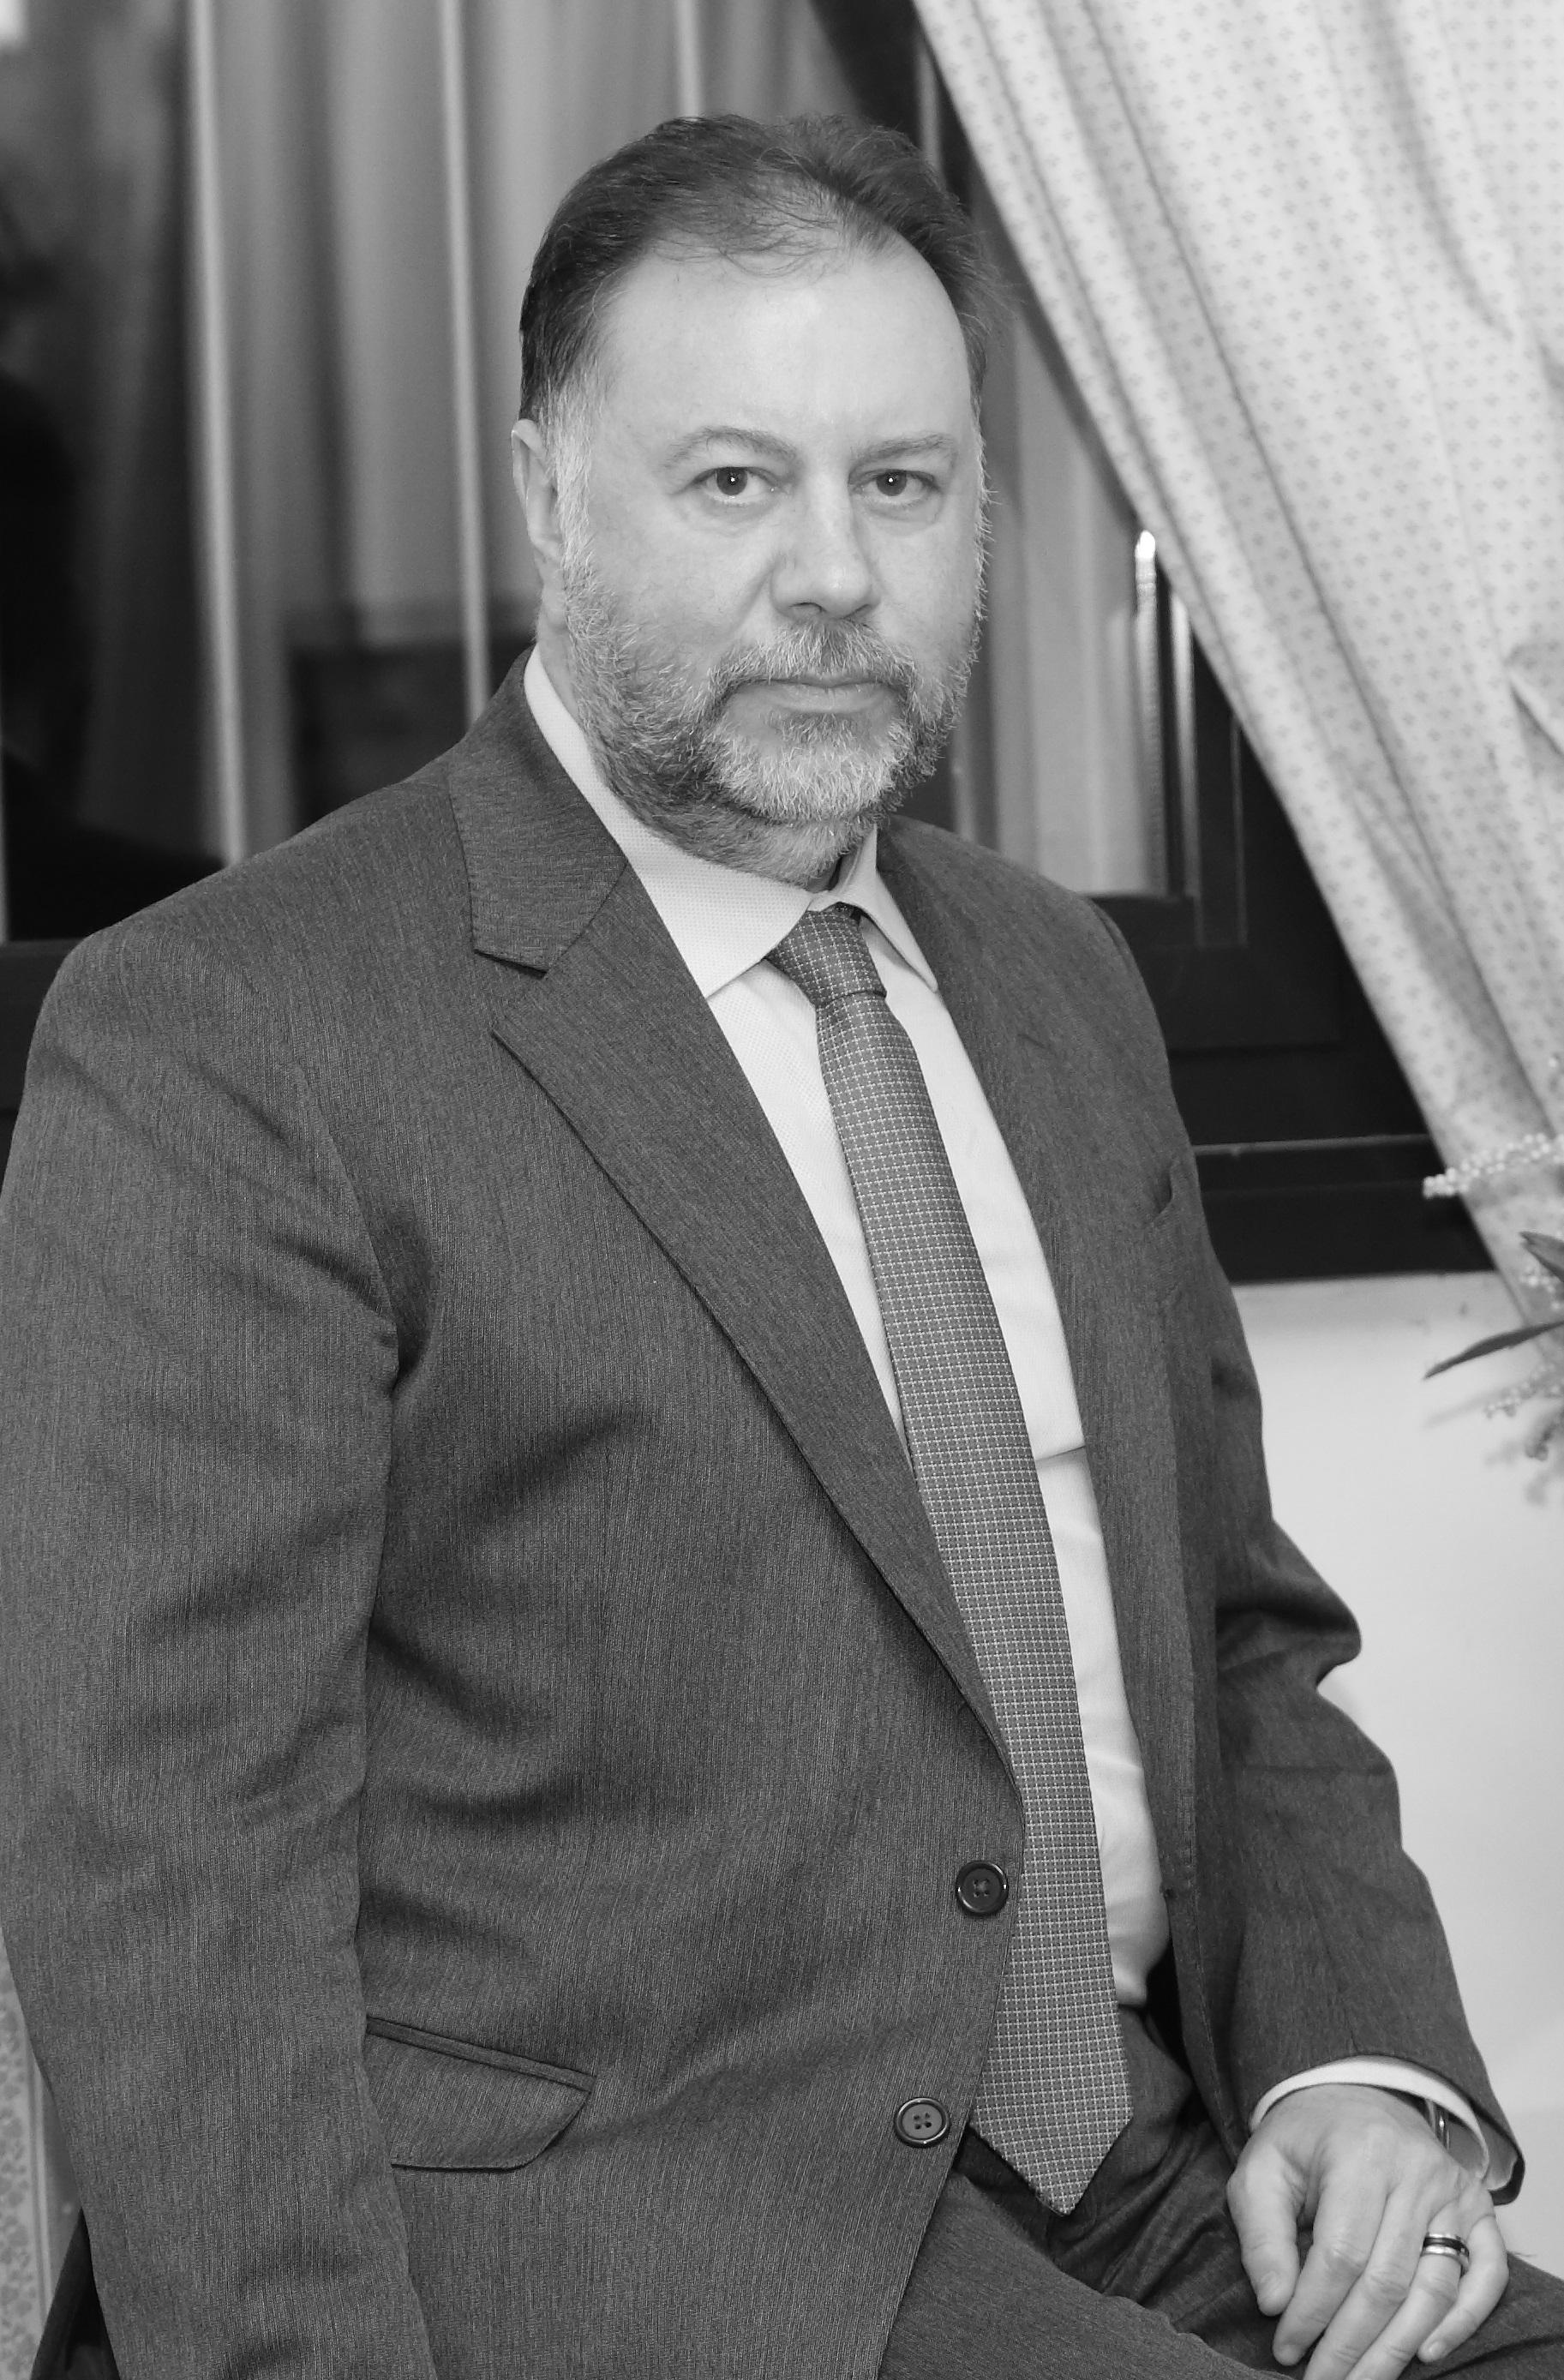 Avvocato A Montecchio Maggiore Vicenza Mauro Palma Doctis